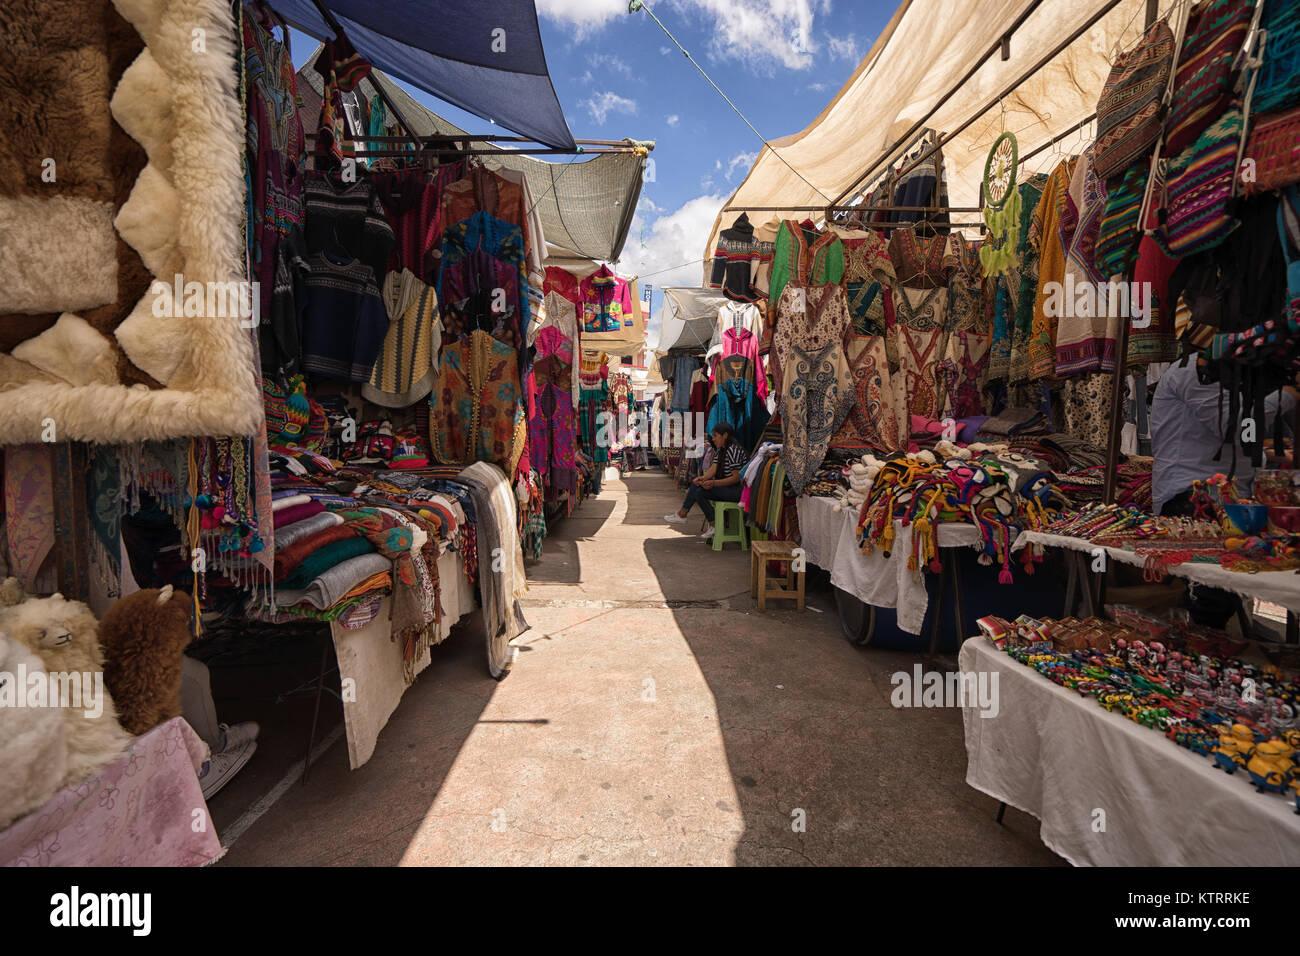 Otavalo, Ecuador-December 23, 2017: Primer plano de una máscara indígena para la venta en el mercado artesanal Imagen De Stock